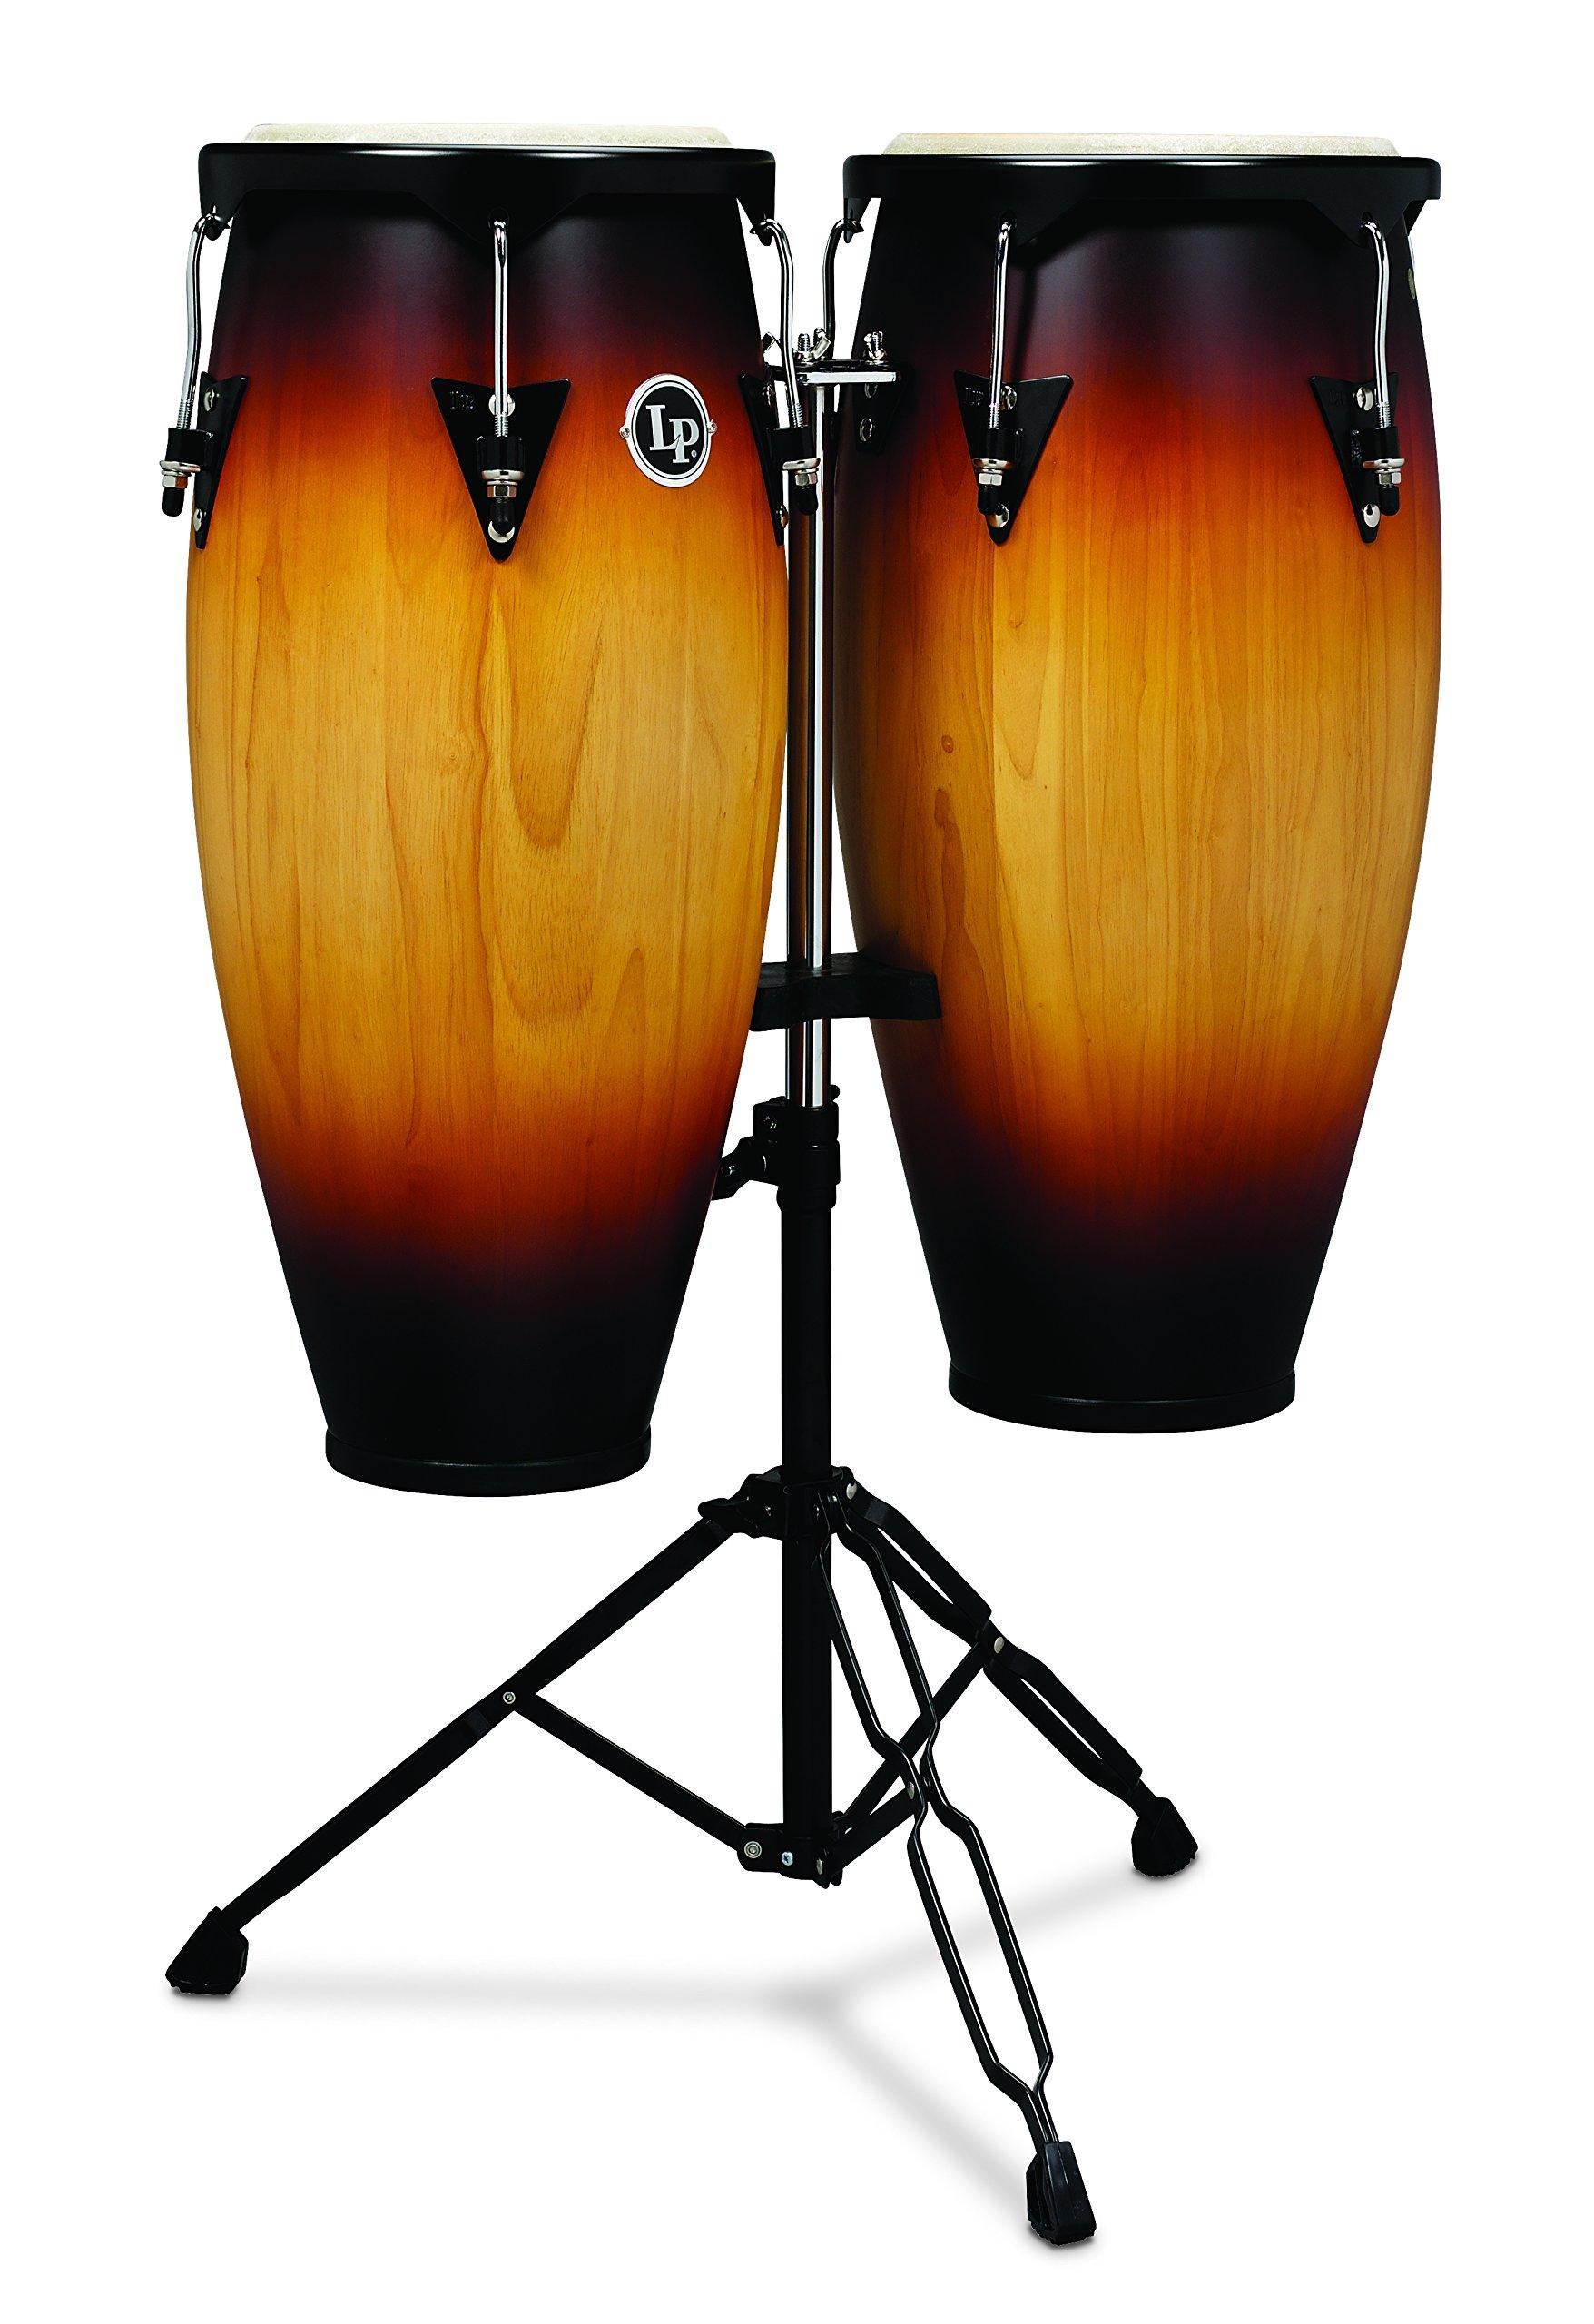 Latin Percussion LP City Wood Congas 10'' & 11'' Set - Vintage Sunburst